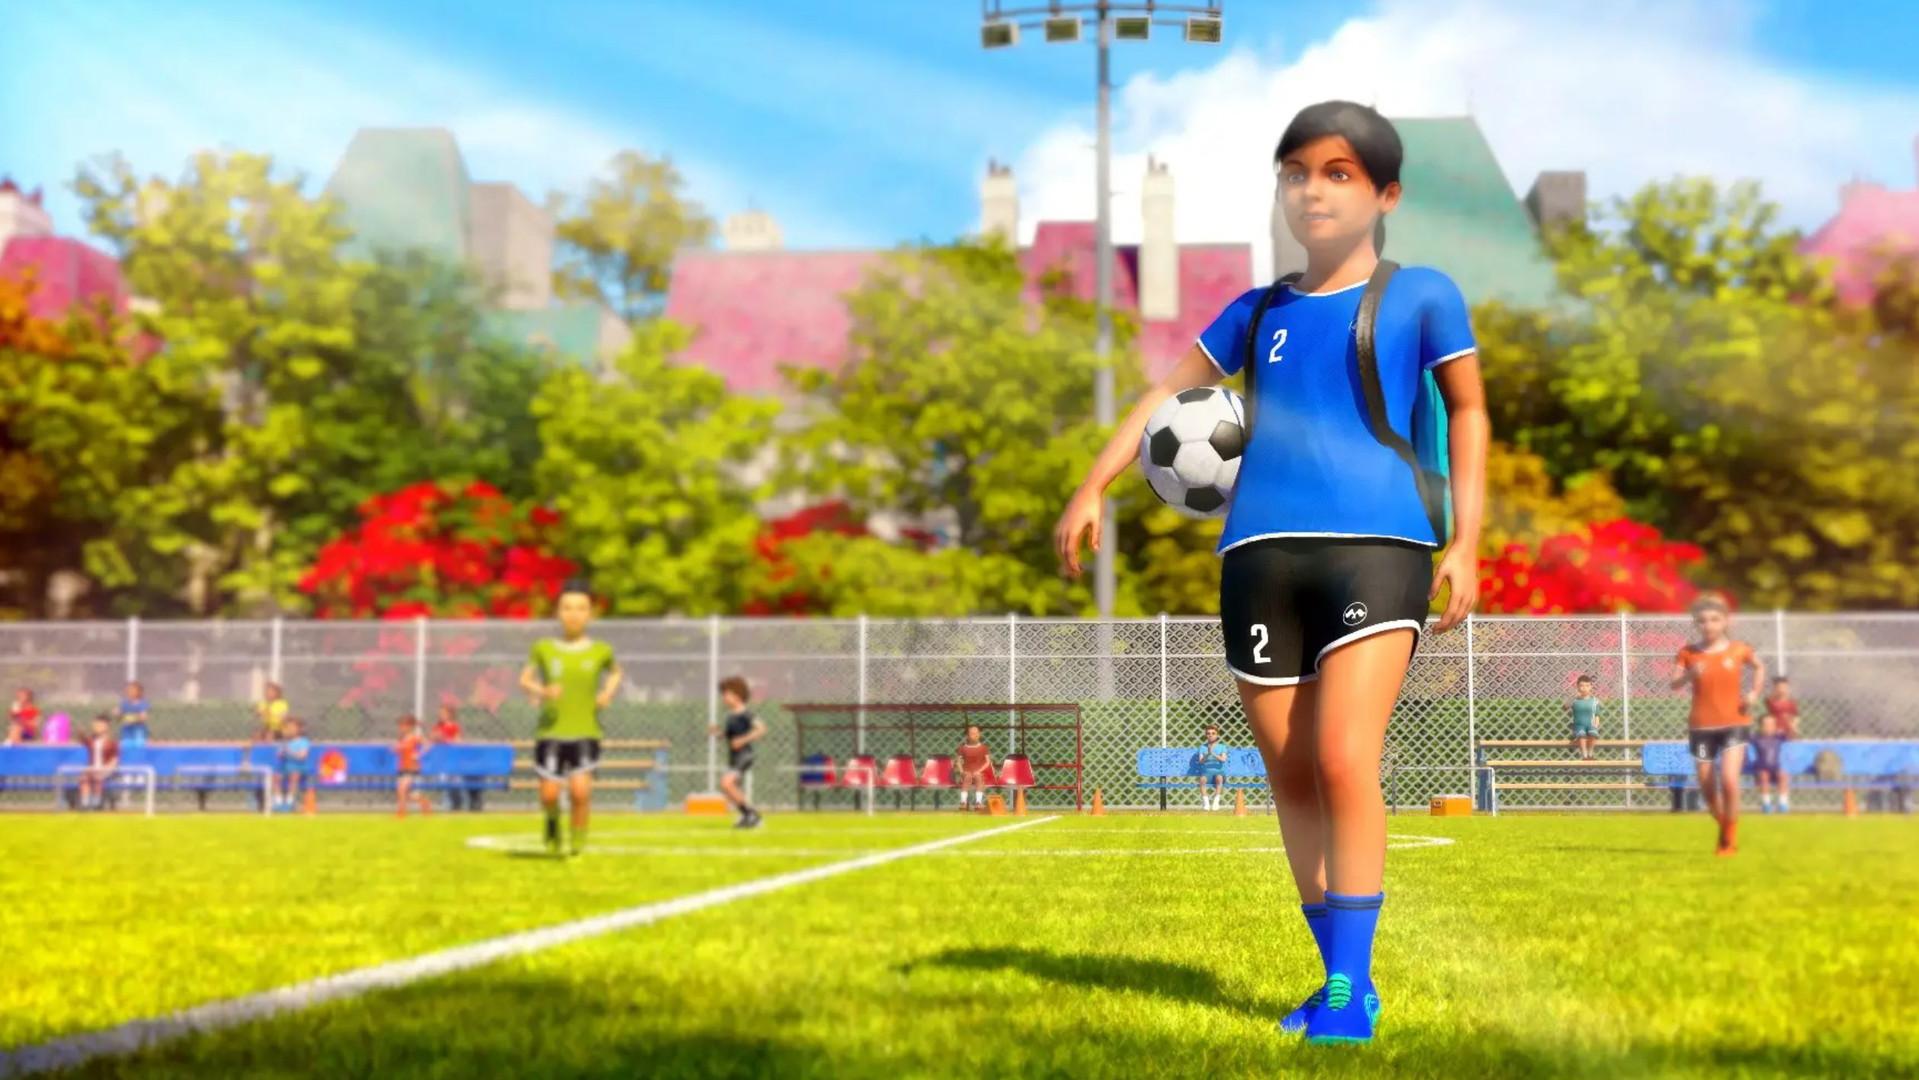 UEFA - Animation